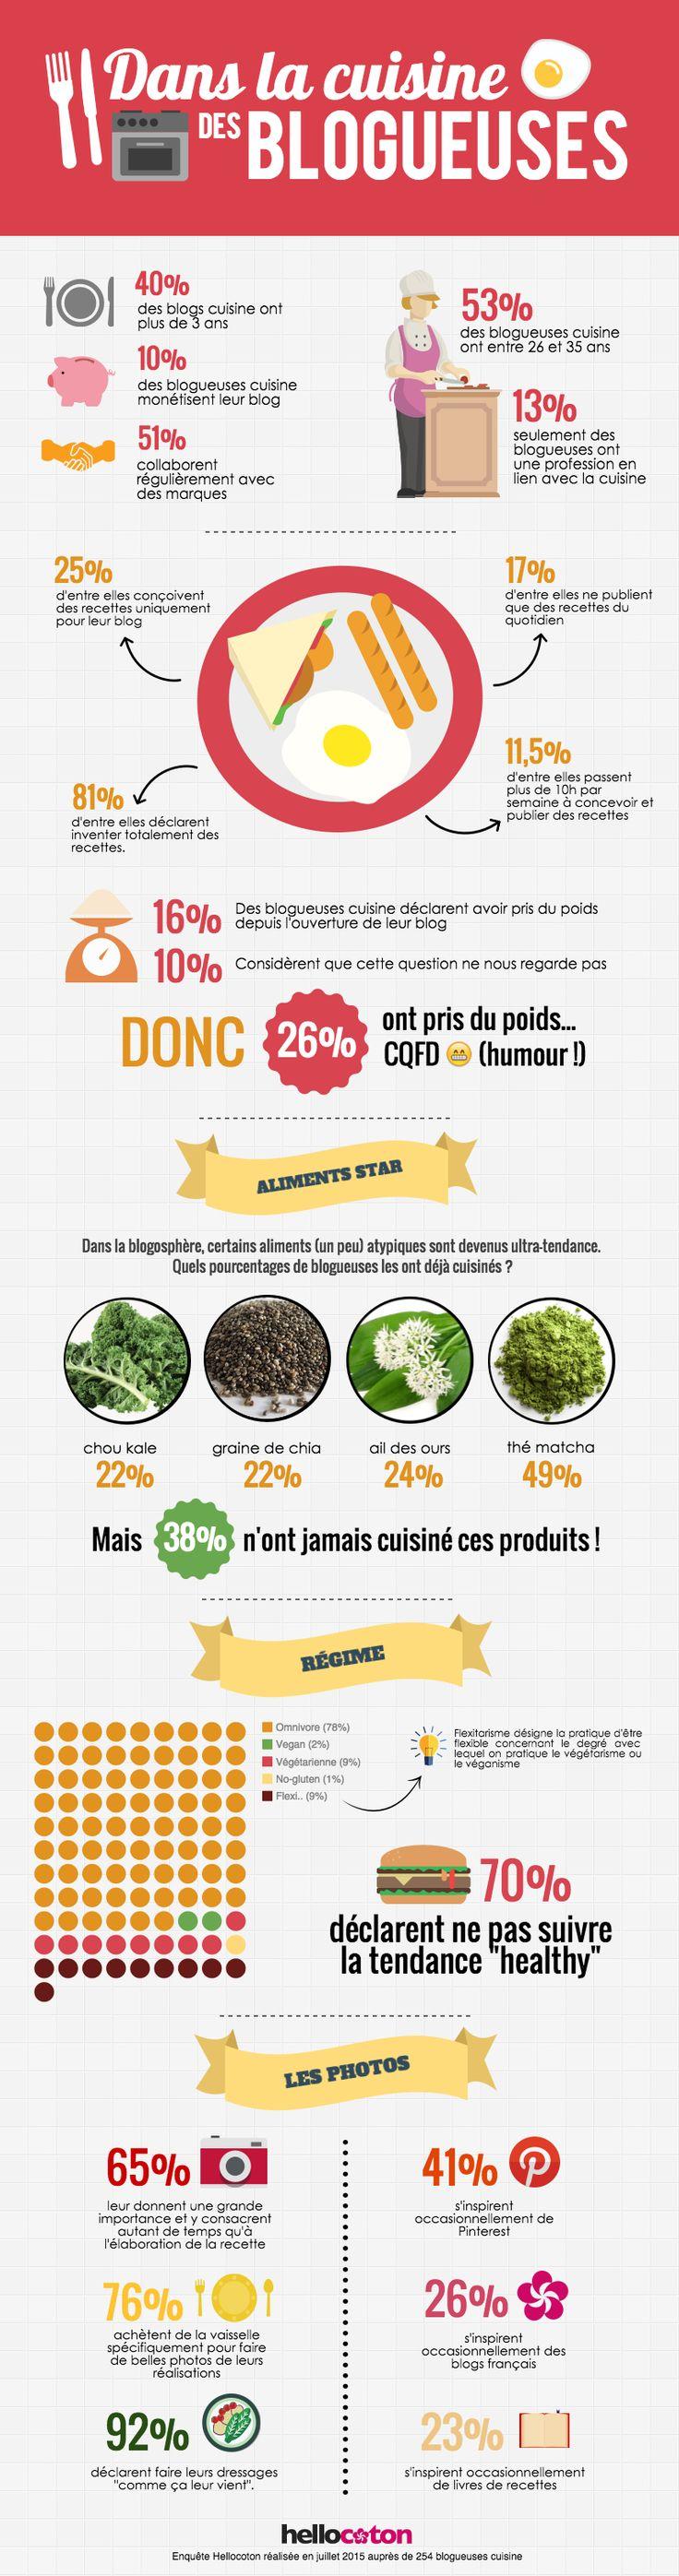 Qui sont les blogueuses food et que font-elles ? Voici une infographie qui vous révèle tout ce que vous devez savoir sur elles !